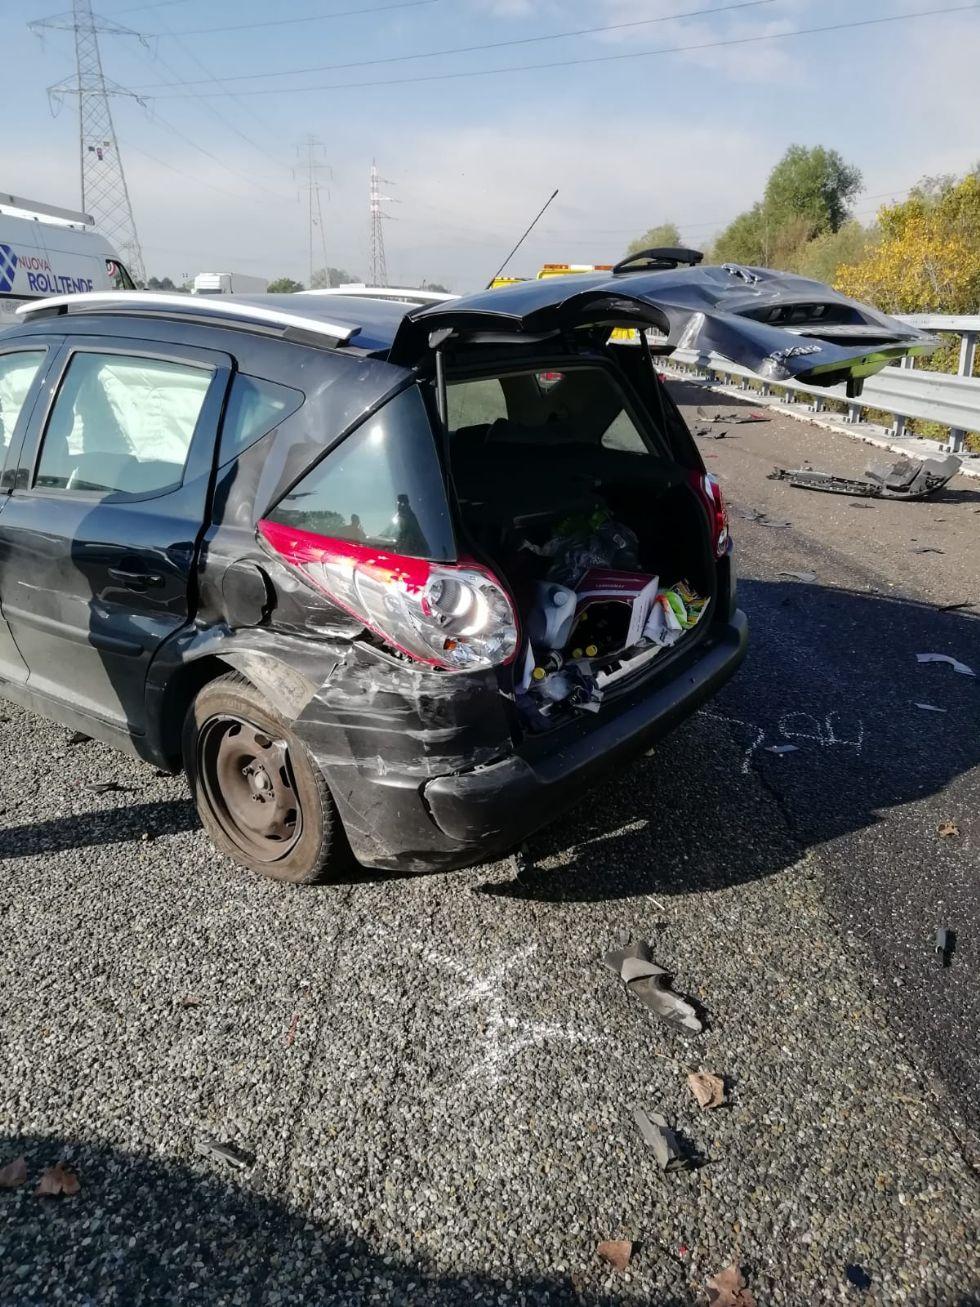 NICHELINO - Incidente in tangenziale all'altezza di Stupinigi: due feriti